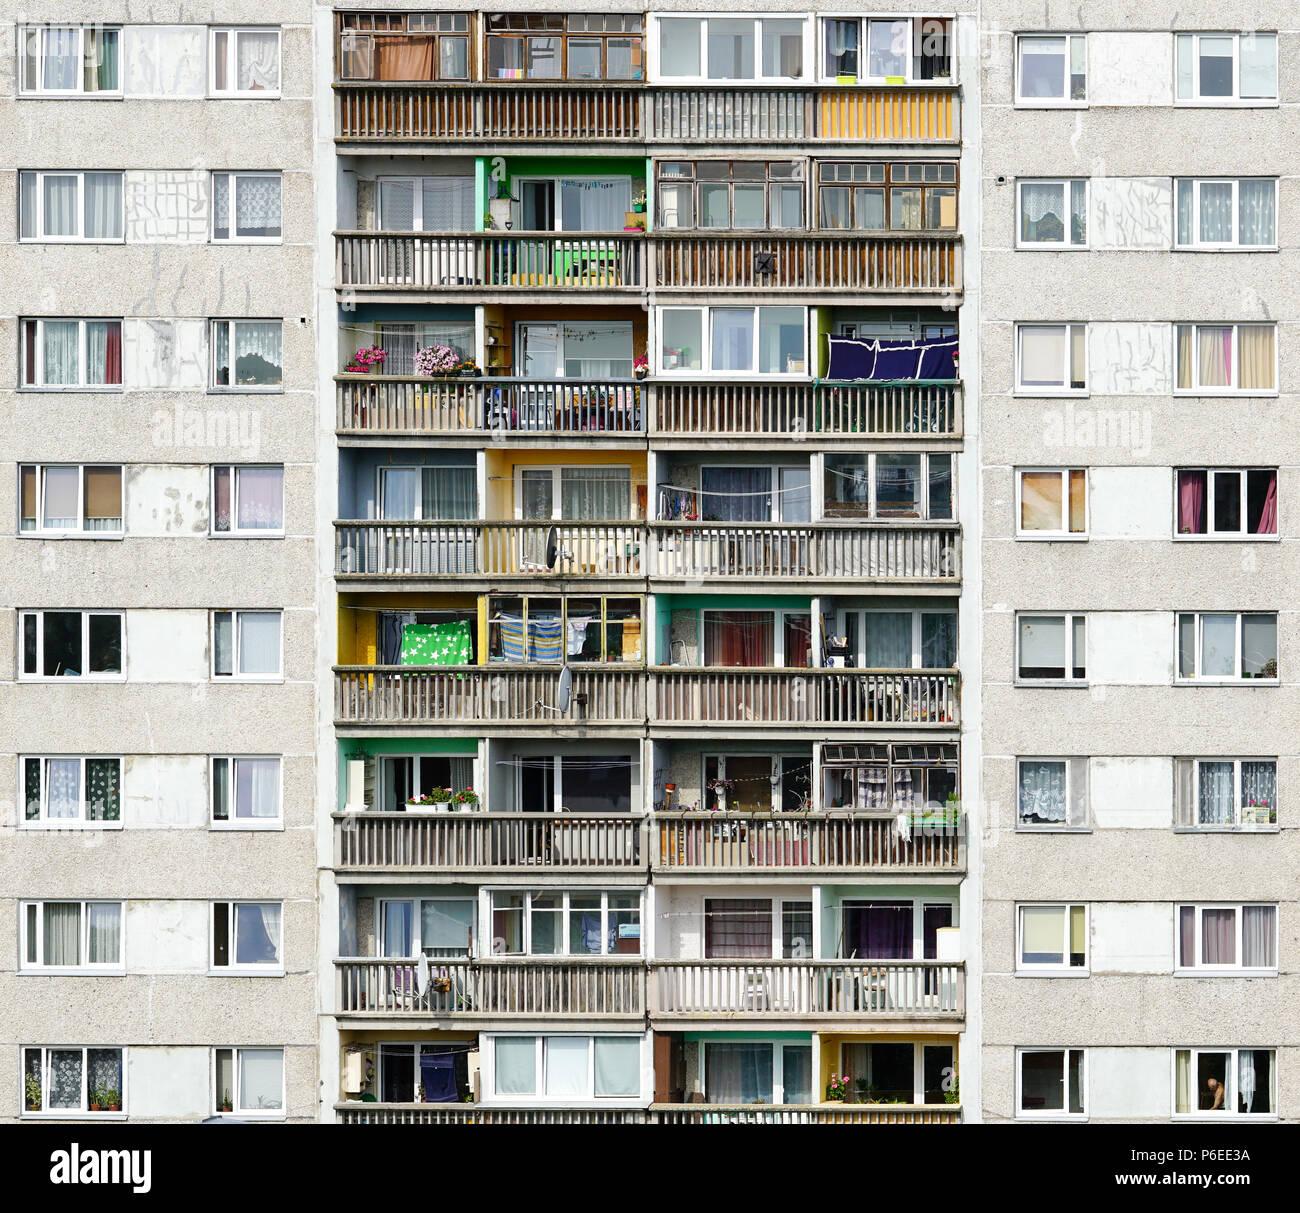 poor block of flats - Stock Image